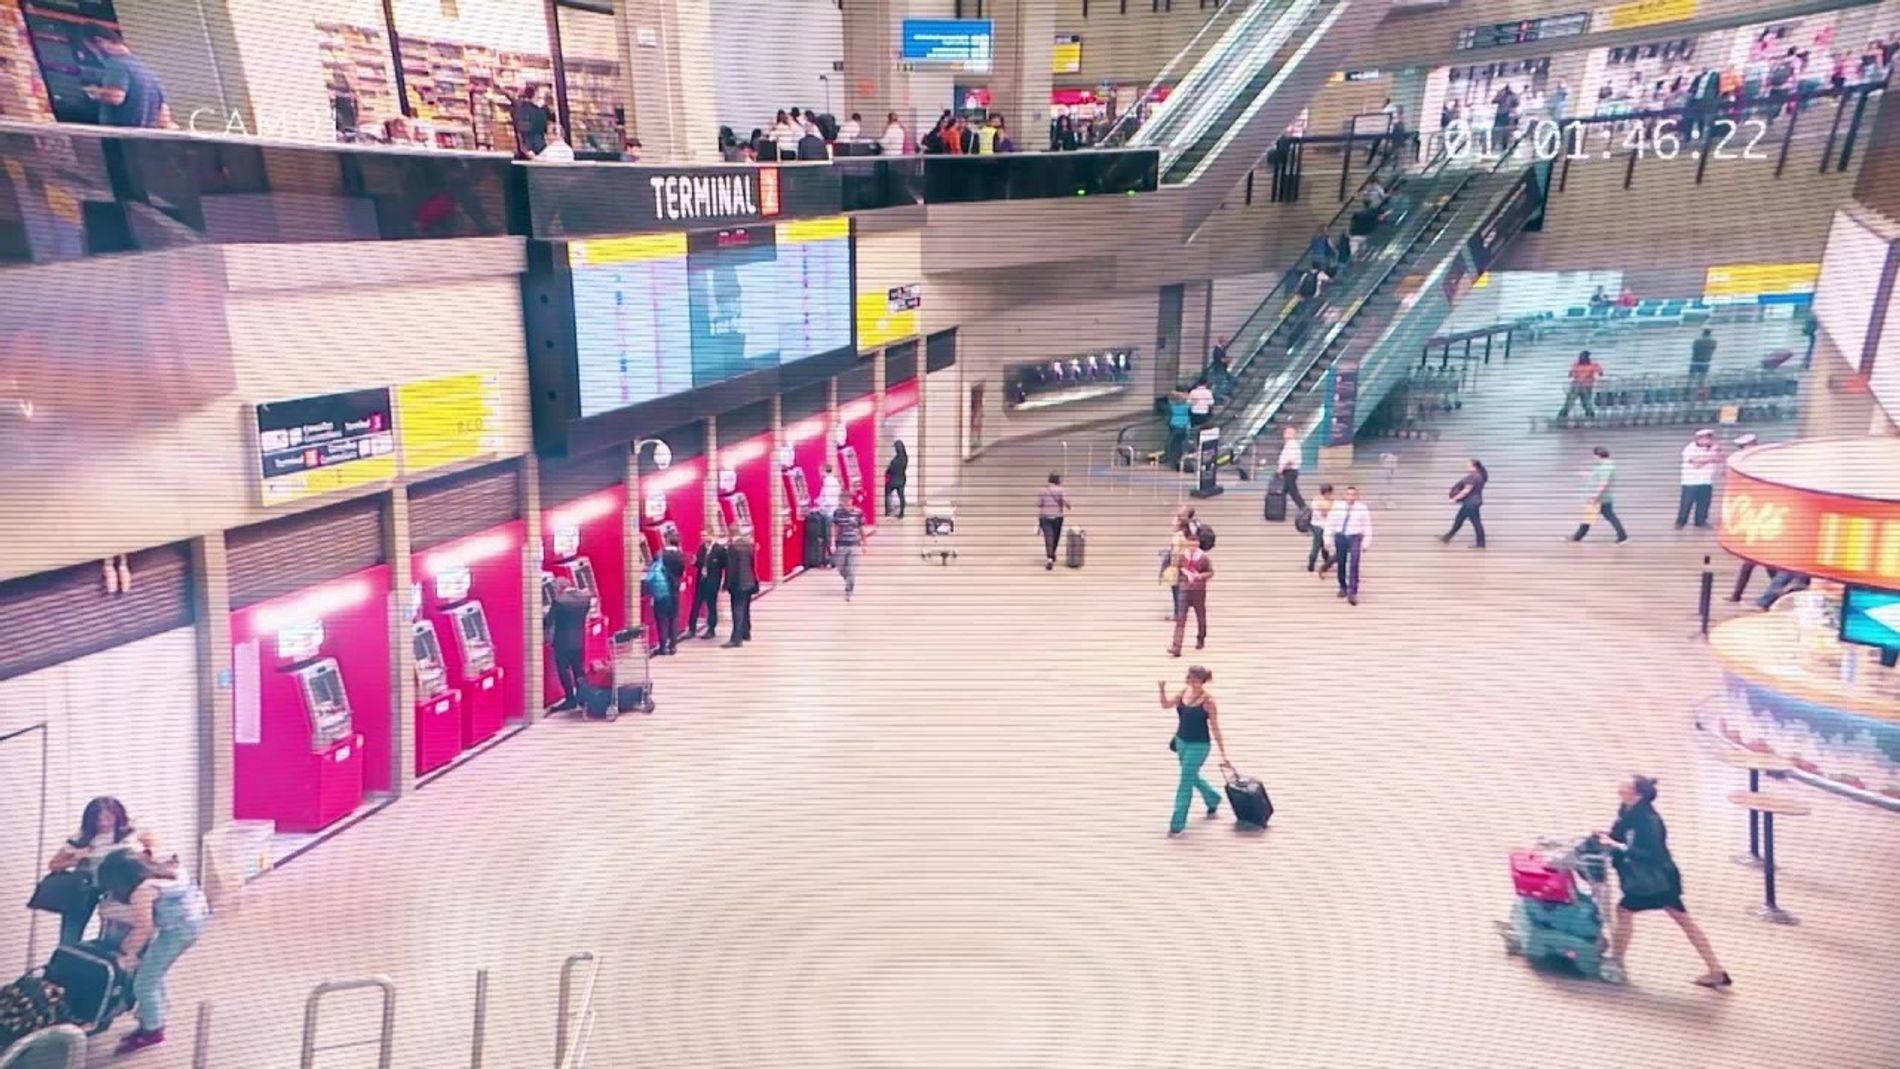 Aeroporto: São Paulo - O que você vê? Teste 5